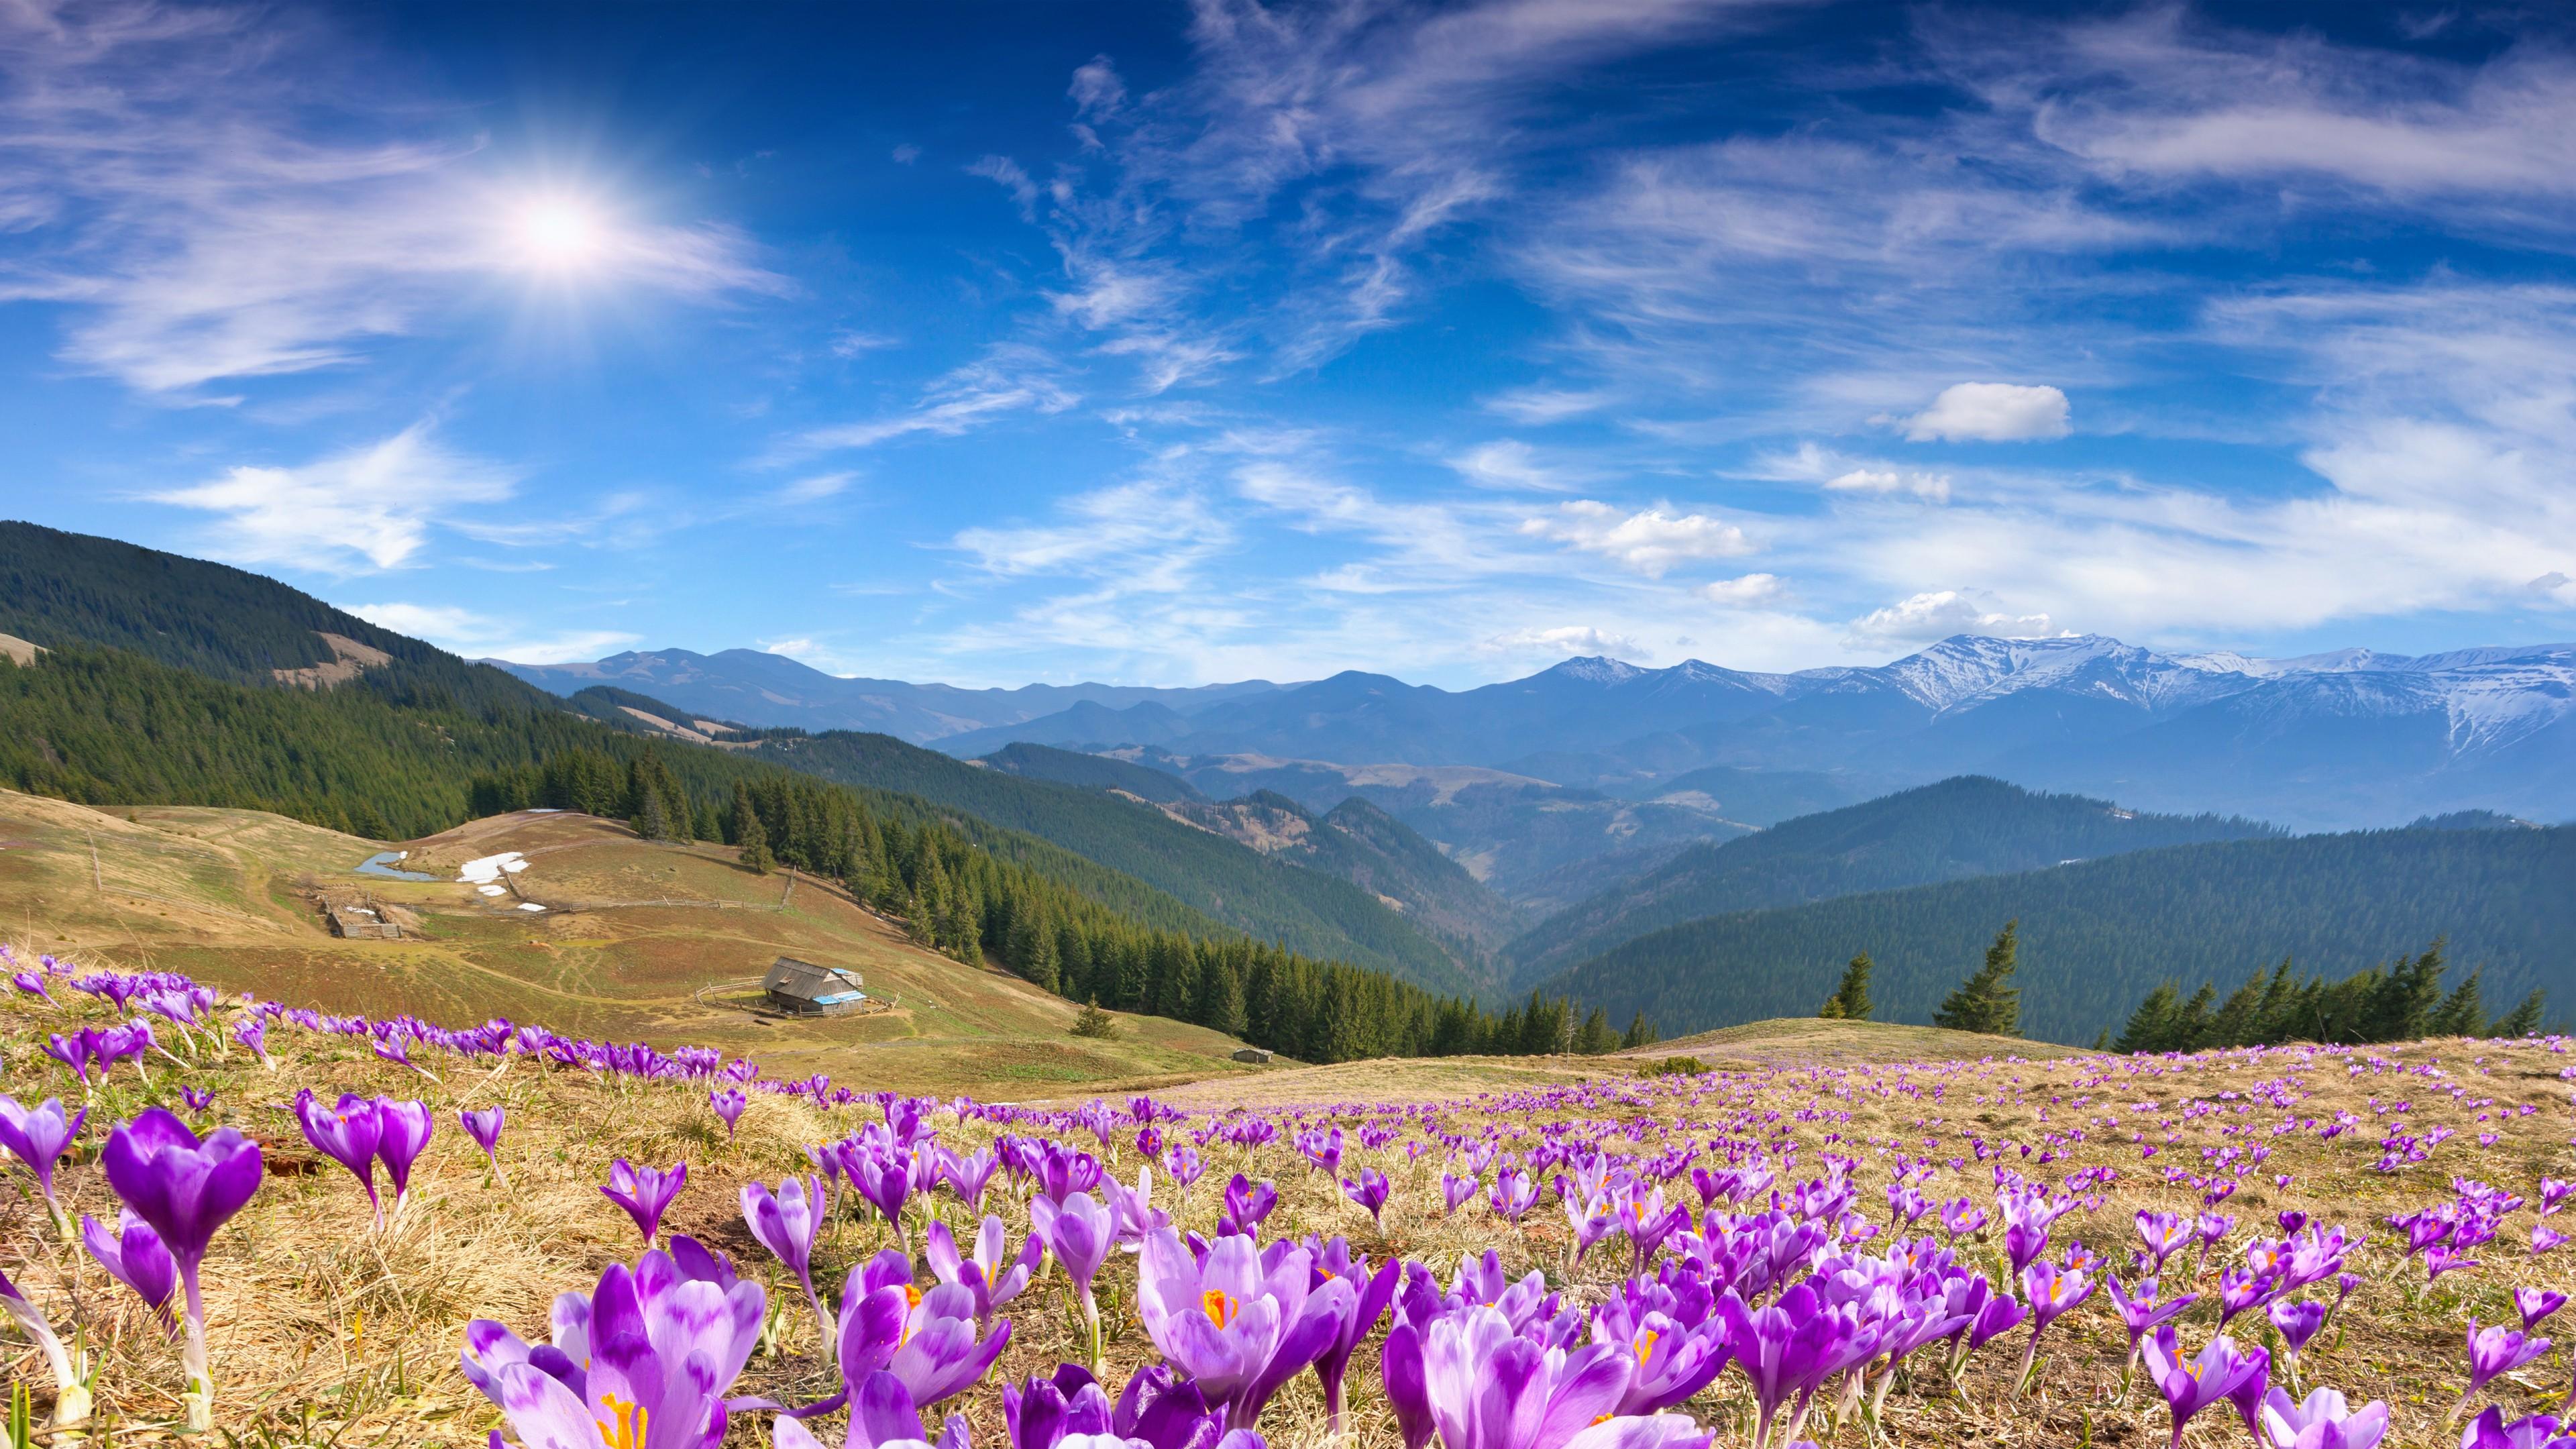 Картинки цветы в горах на рабочий стол